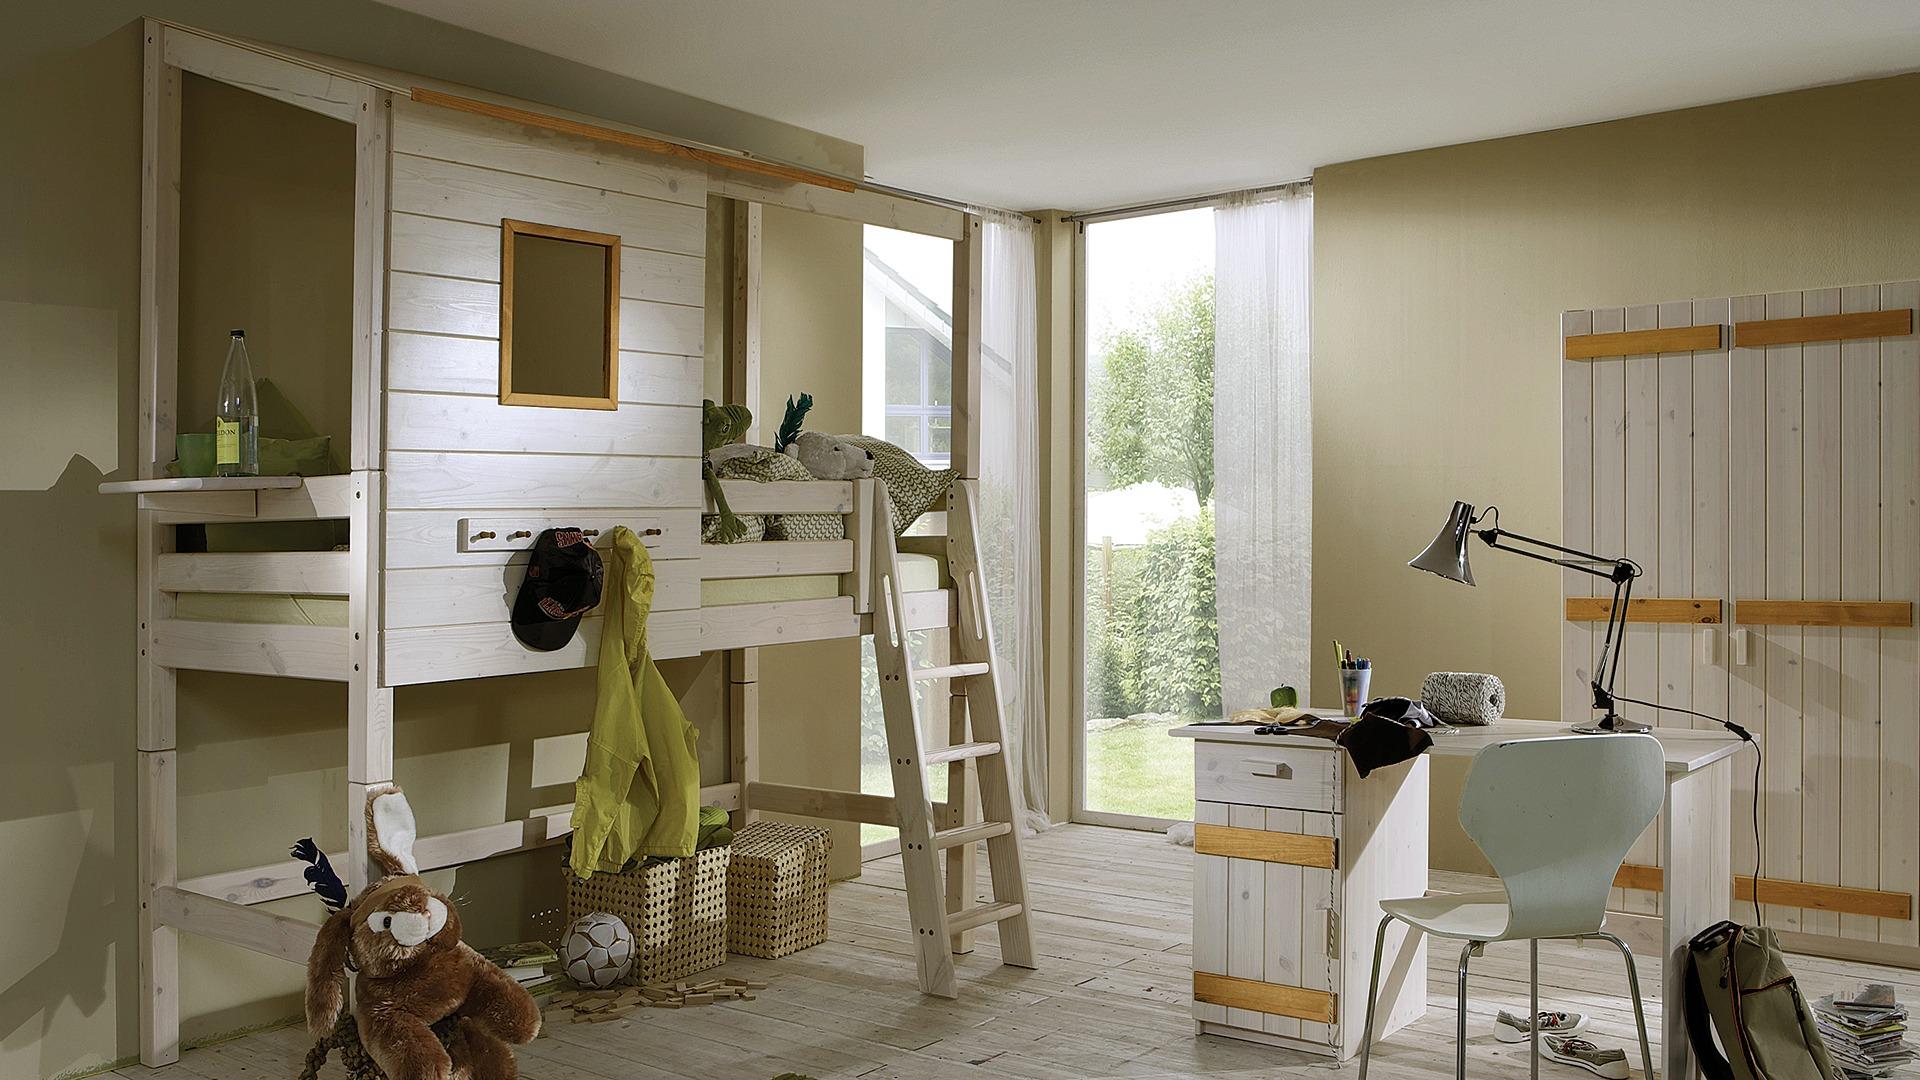 zubeh r kiddy. Black Bedroom Furniture Sets. Home Design Ideas